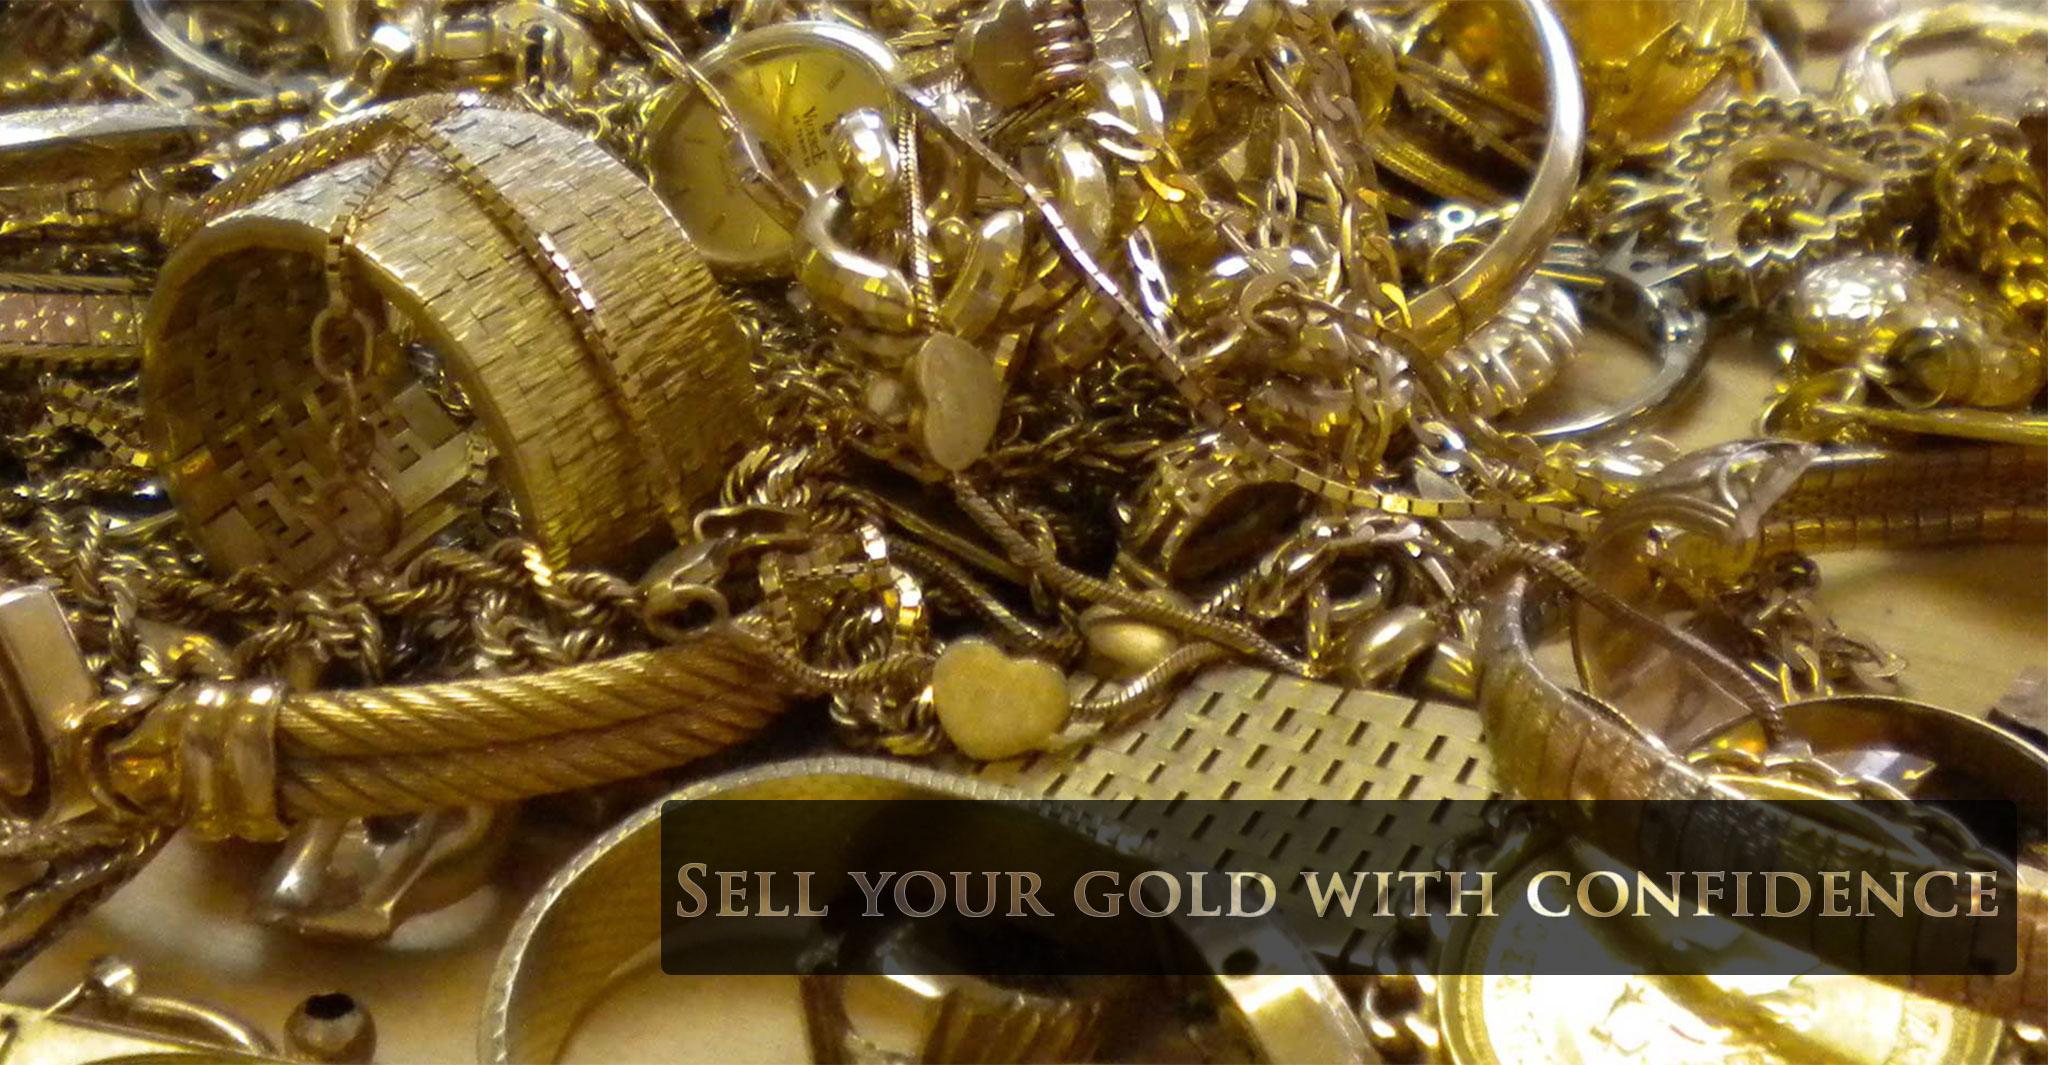 Sell Gold At South Bay Gold - 310 791-5431